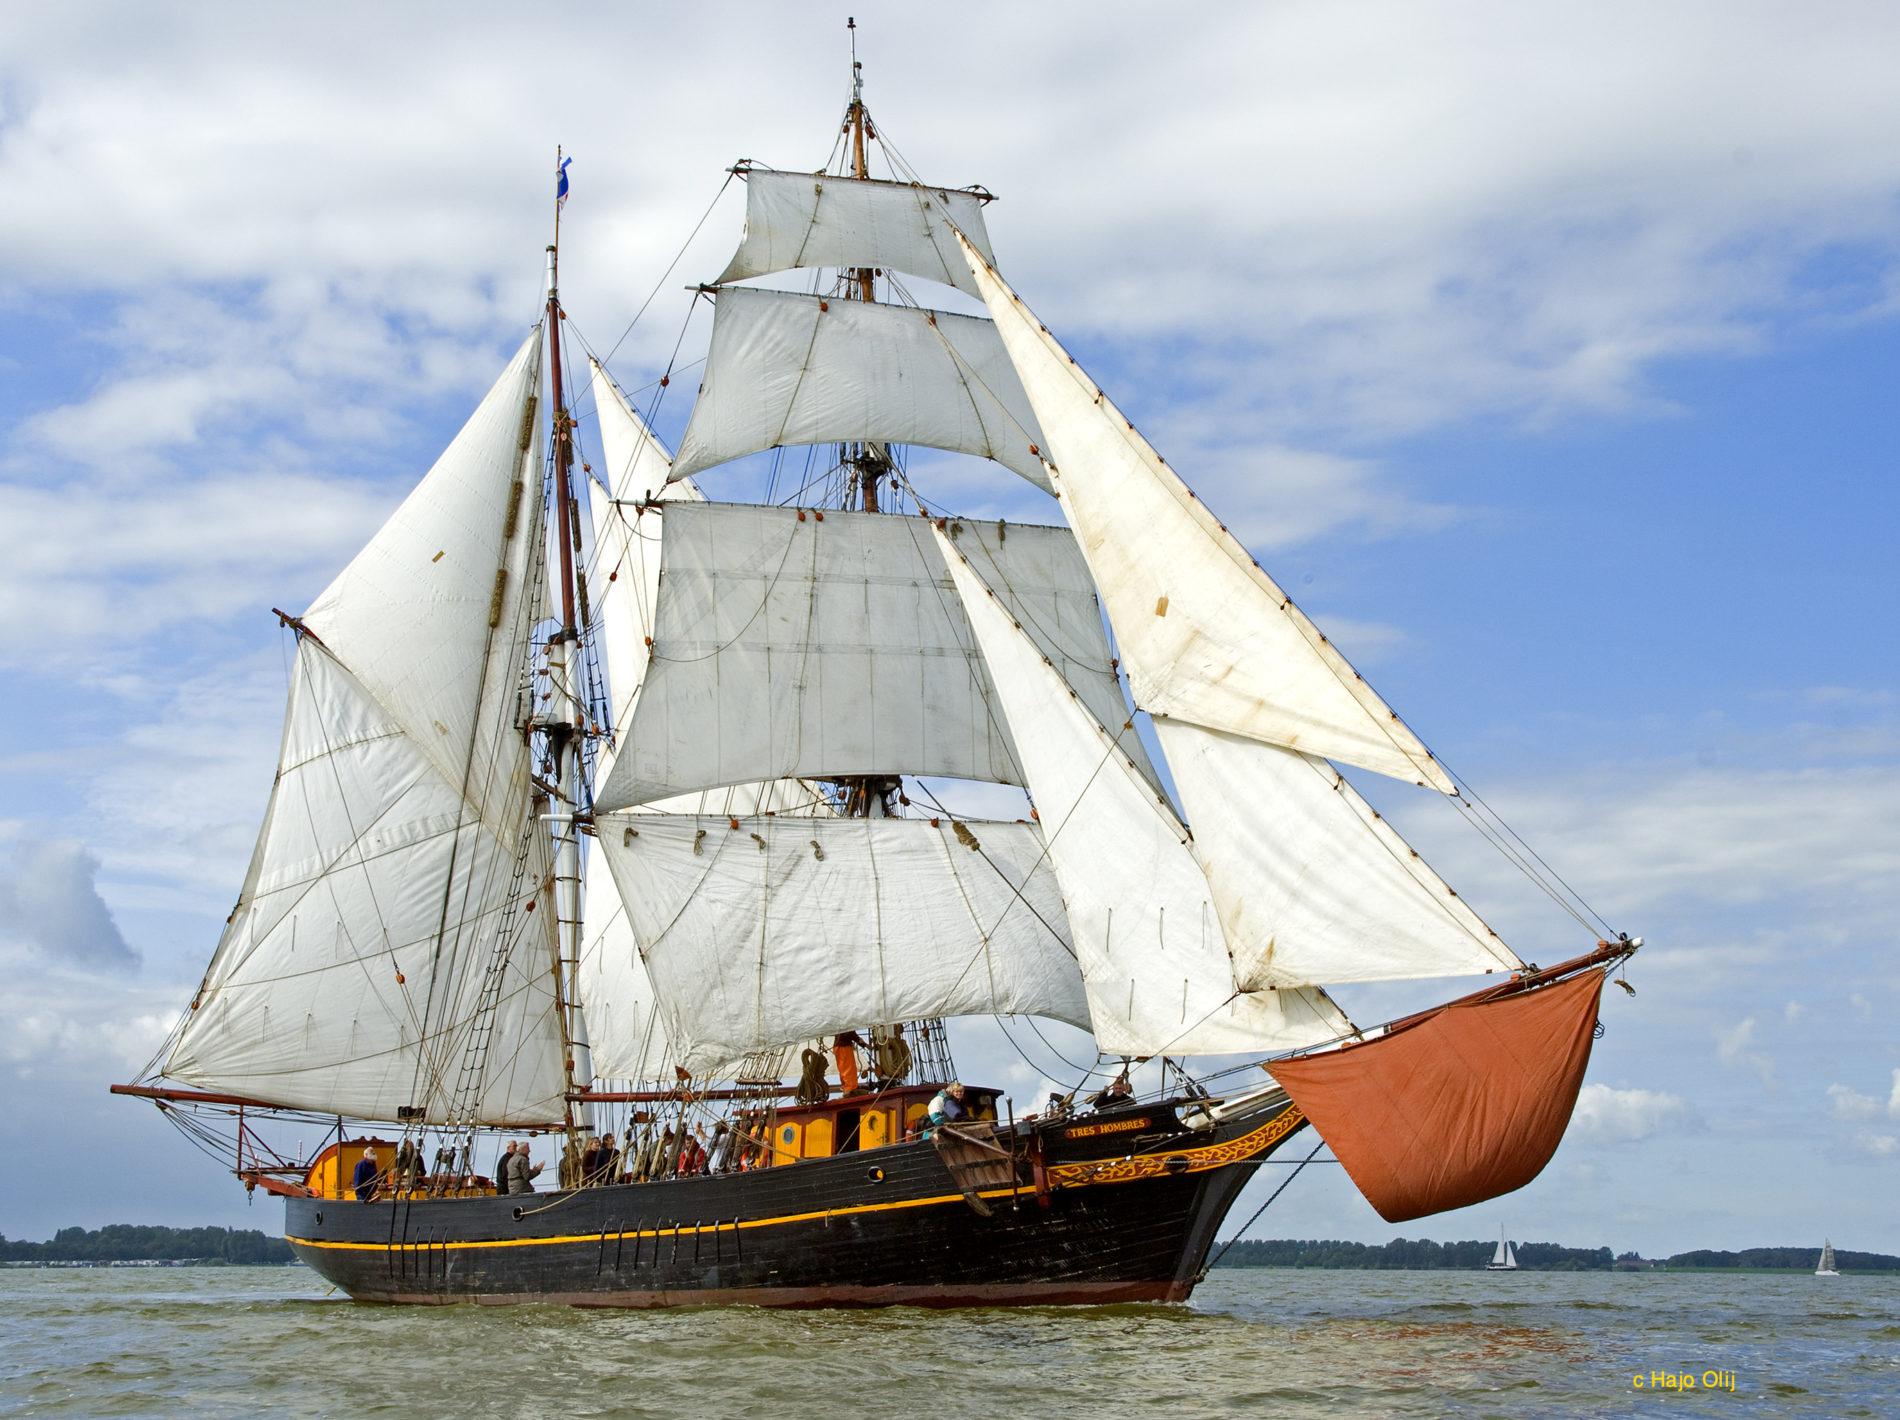 Zeilend vrachtschip Tres Hombres in het water met zijn bekende gele streep